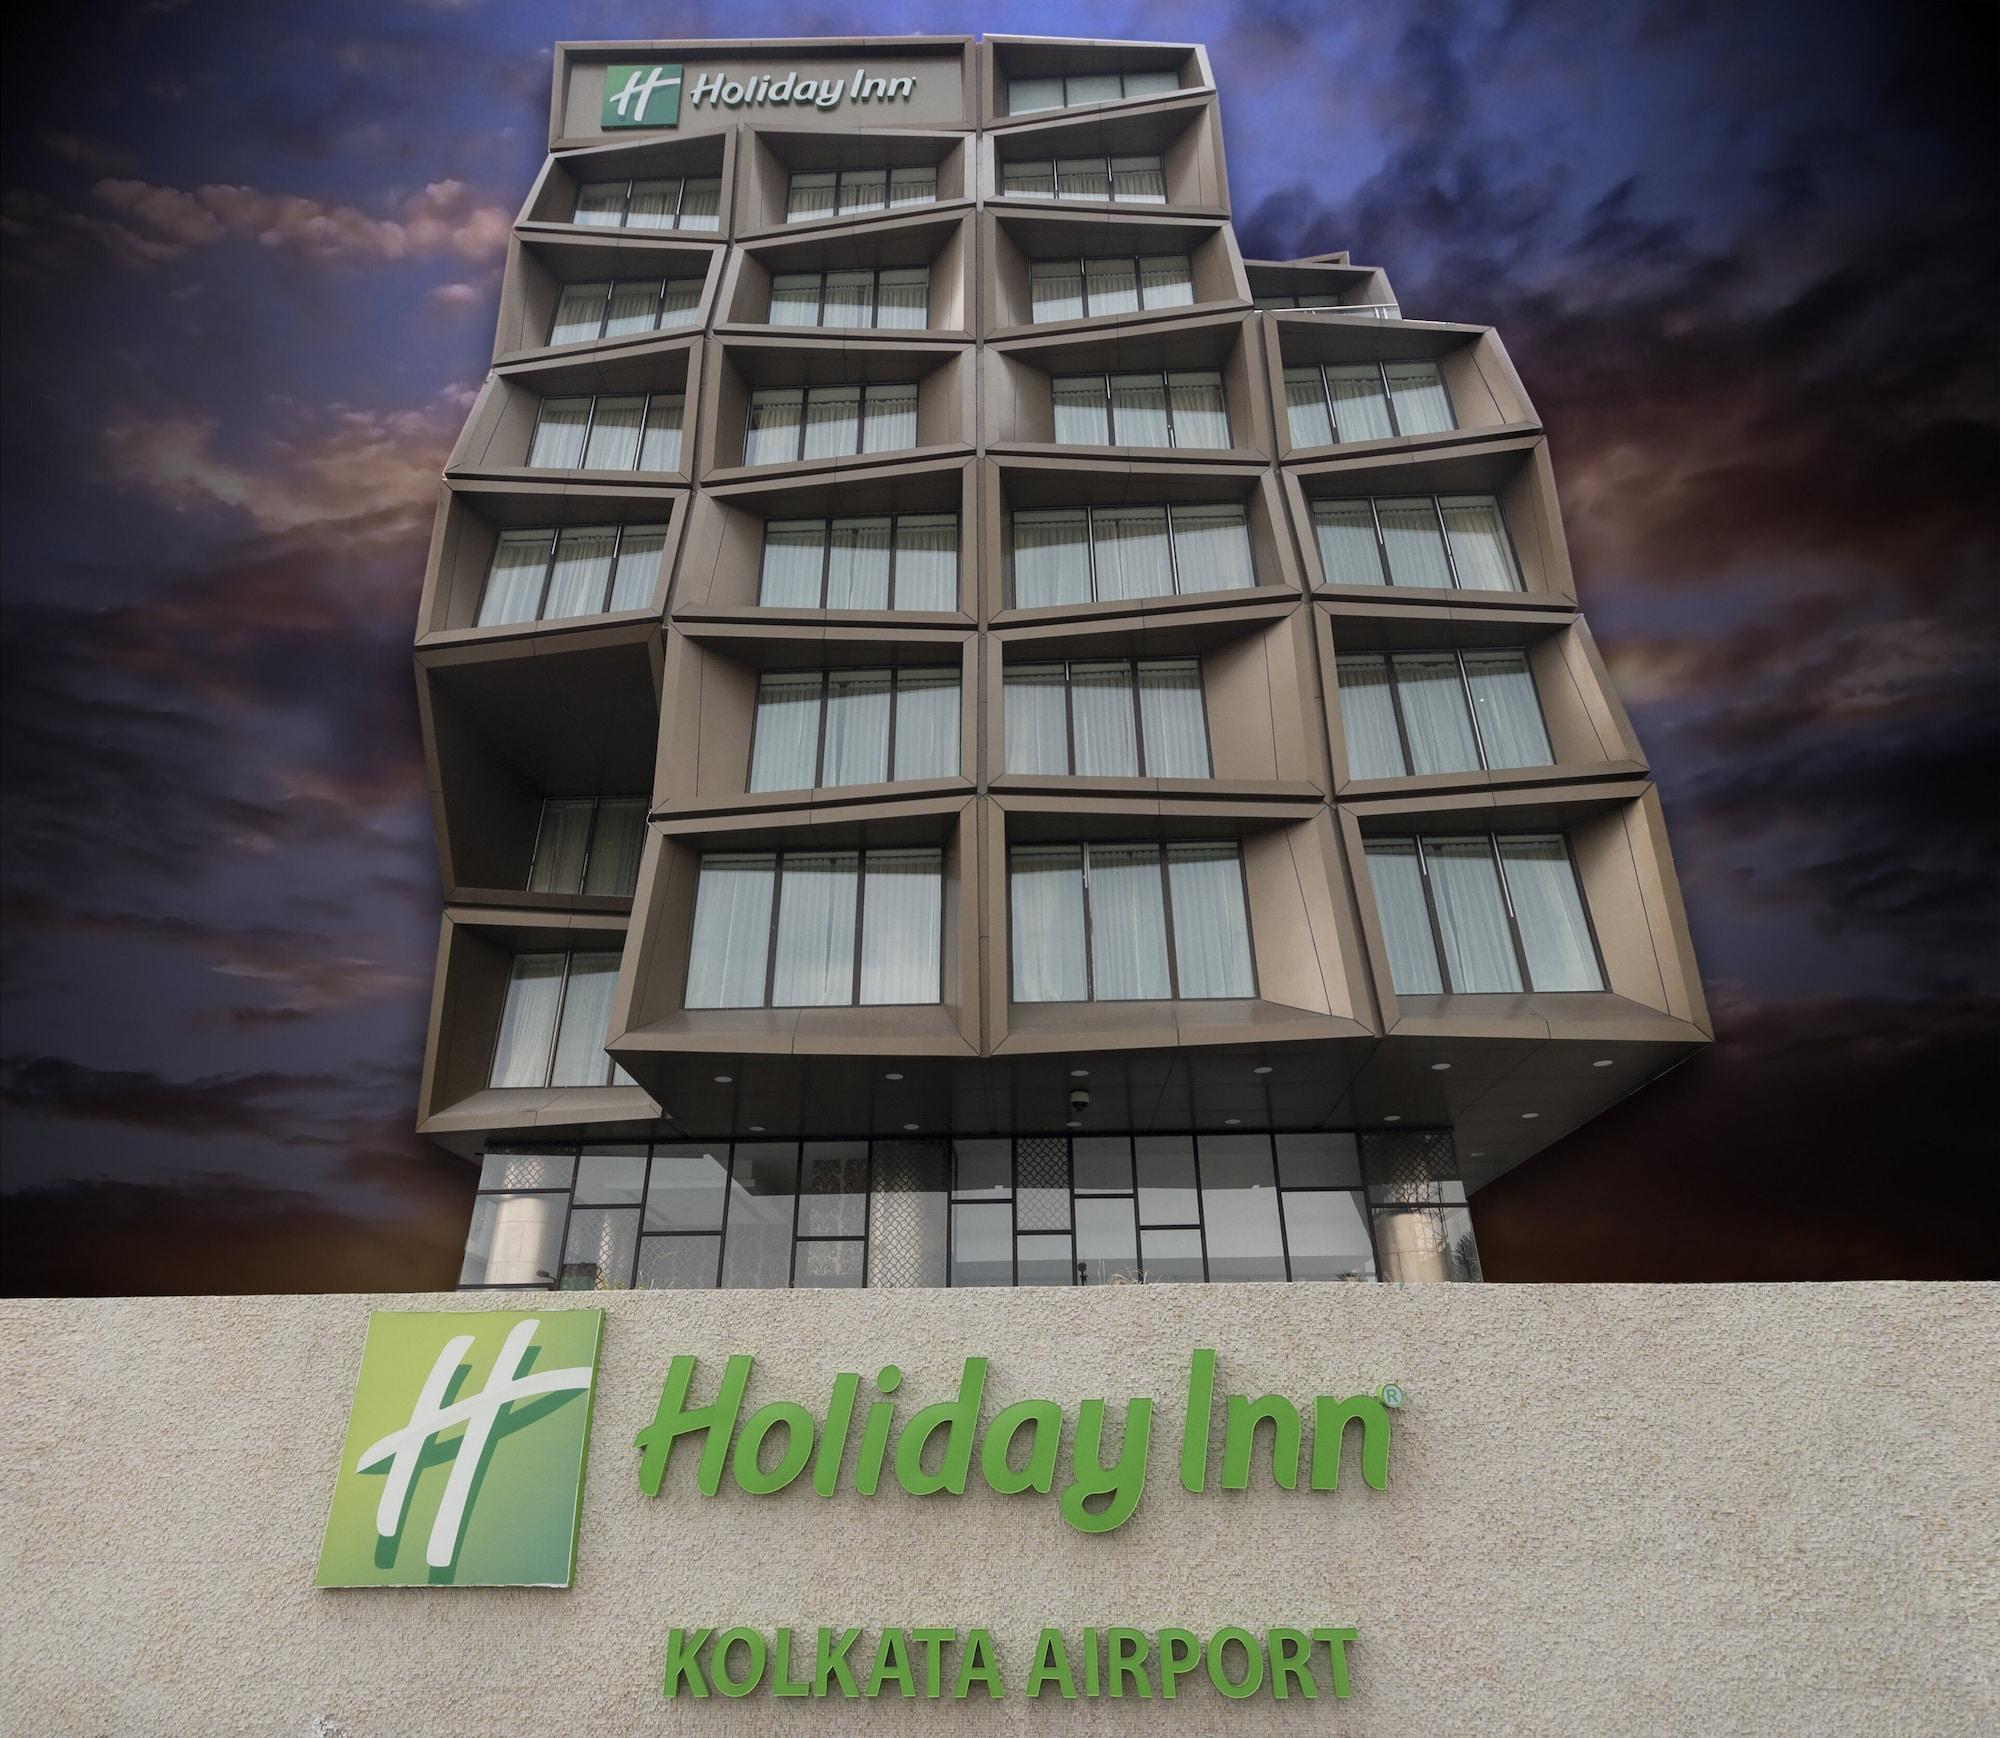 Holiday Inn Kolkata Airport, North 24 Parganas